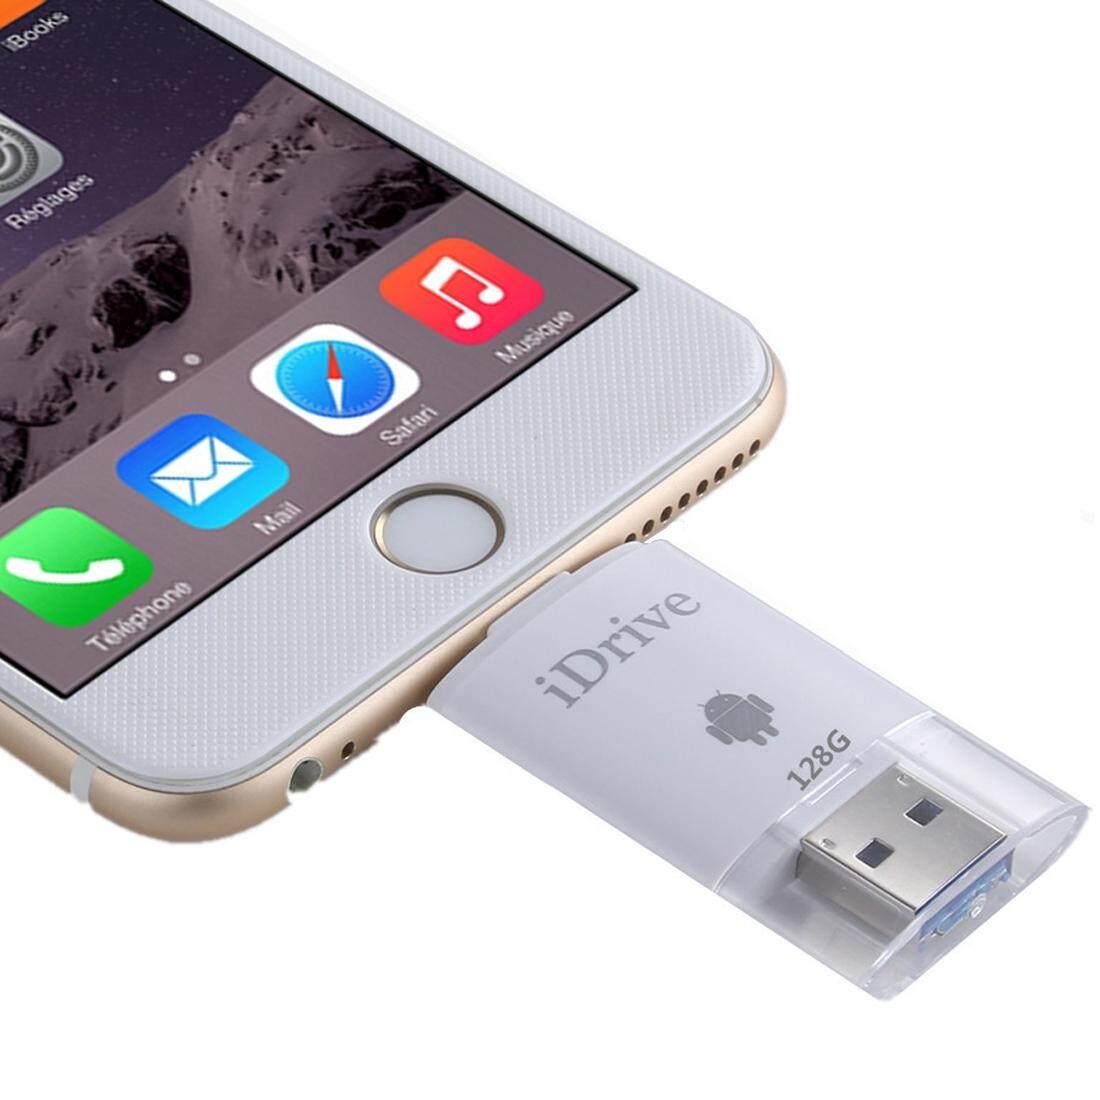 128 GB 2 In 1 Mikro USB 2.0 dan 8 Pin USB Rental IReader Flash Memory Stick untuk iPhone 6 dan 6 S iPhone 6 Plus dan 6 S Plus, Samsung Galaxy S6/S5